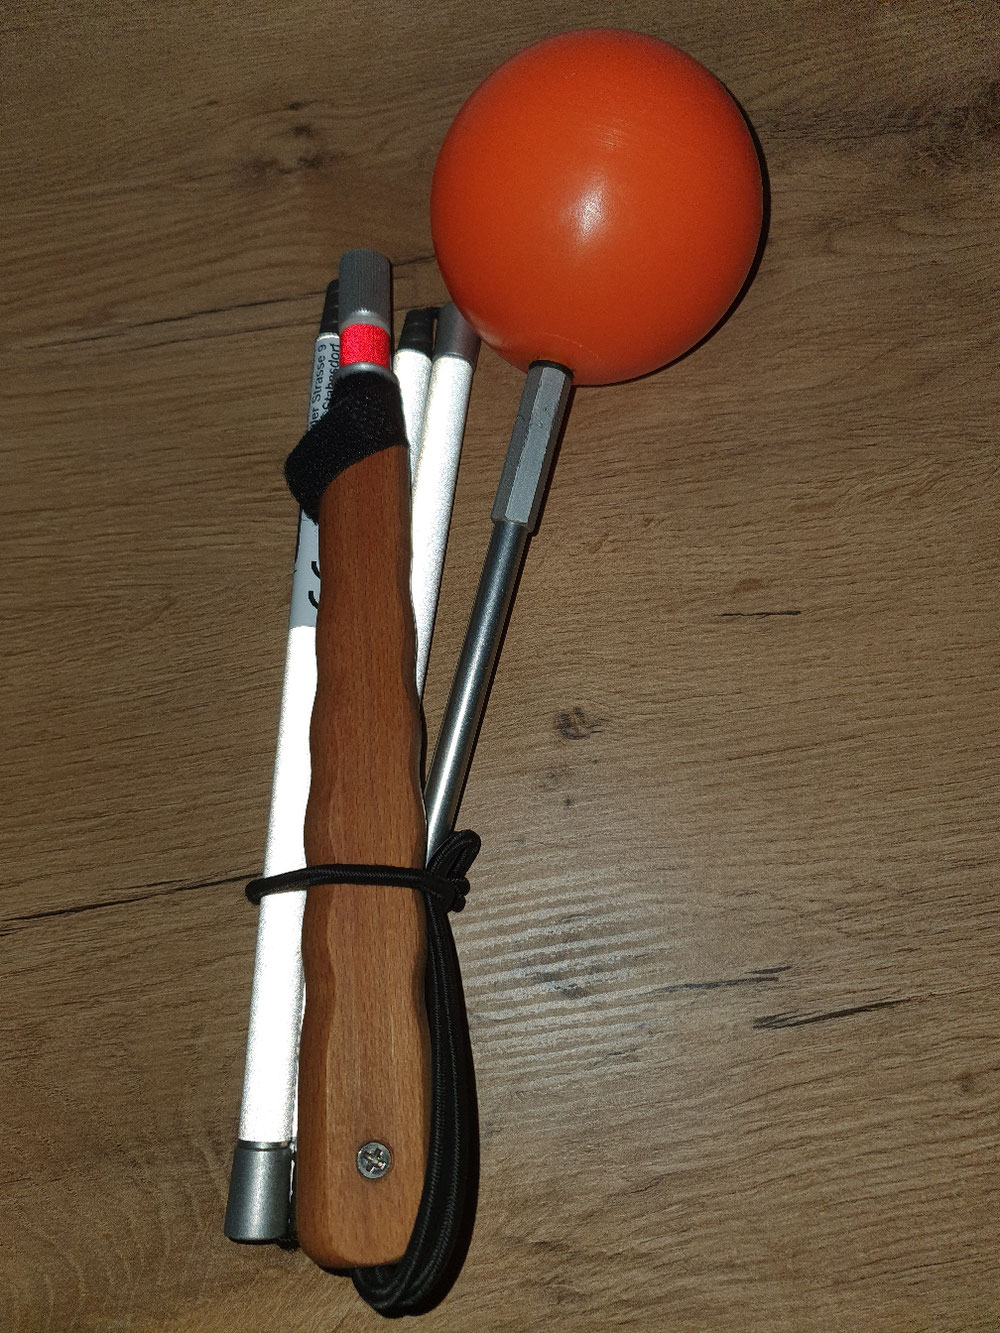 Gefalteter TF 25 mit der orangenen Schneekugel